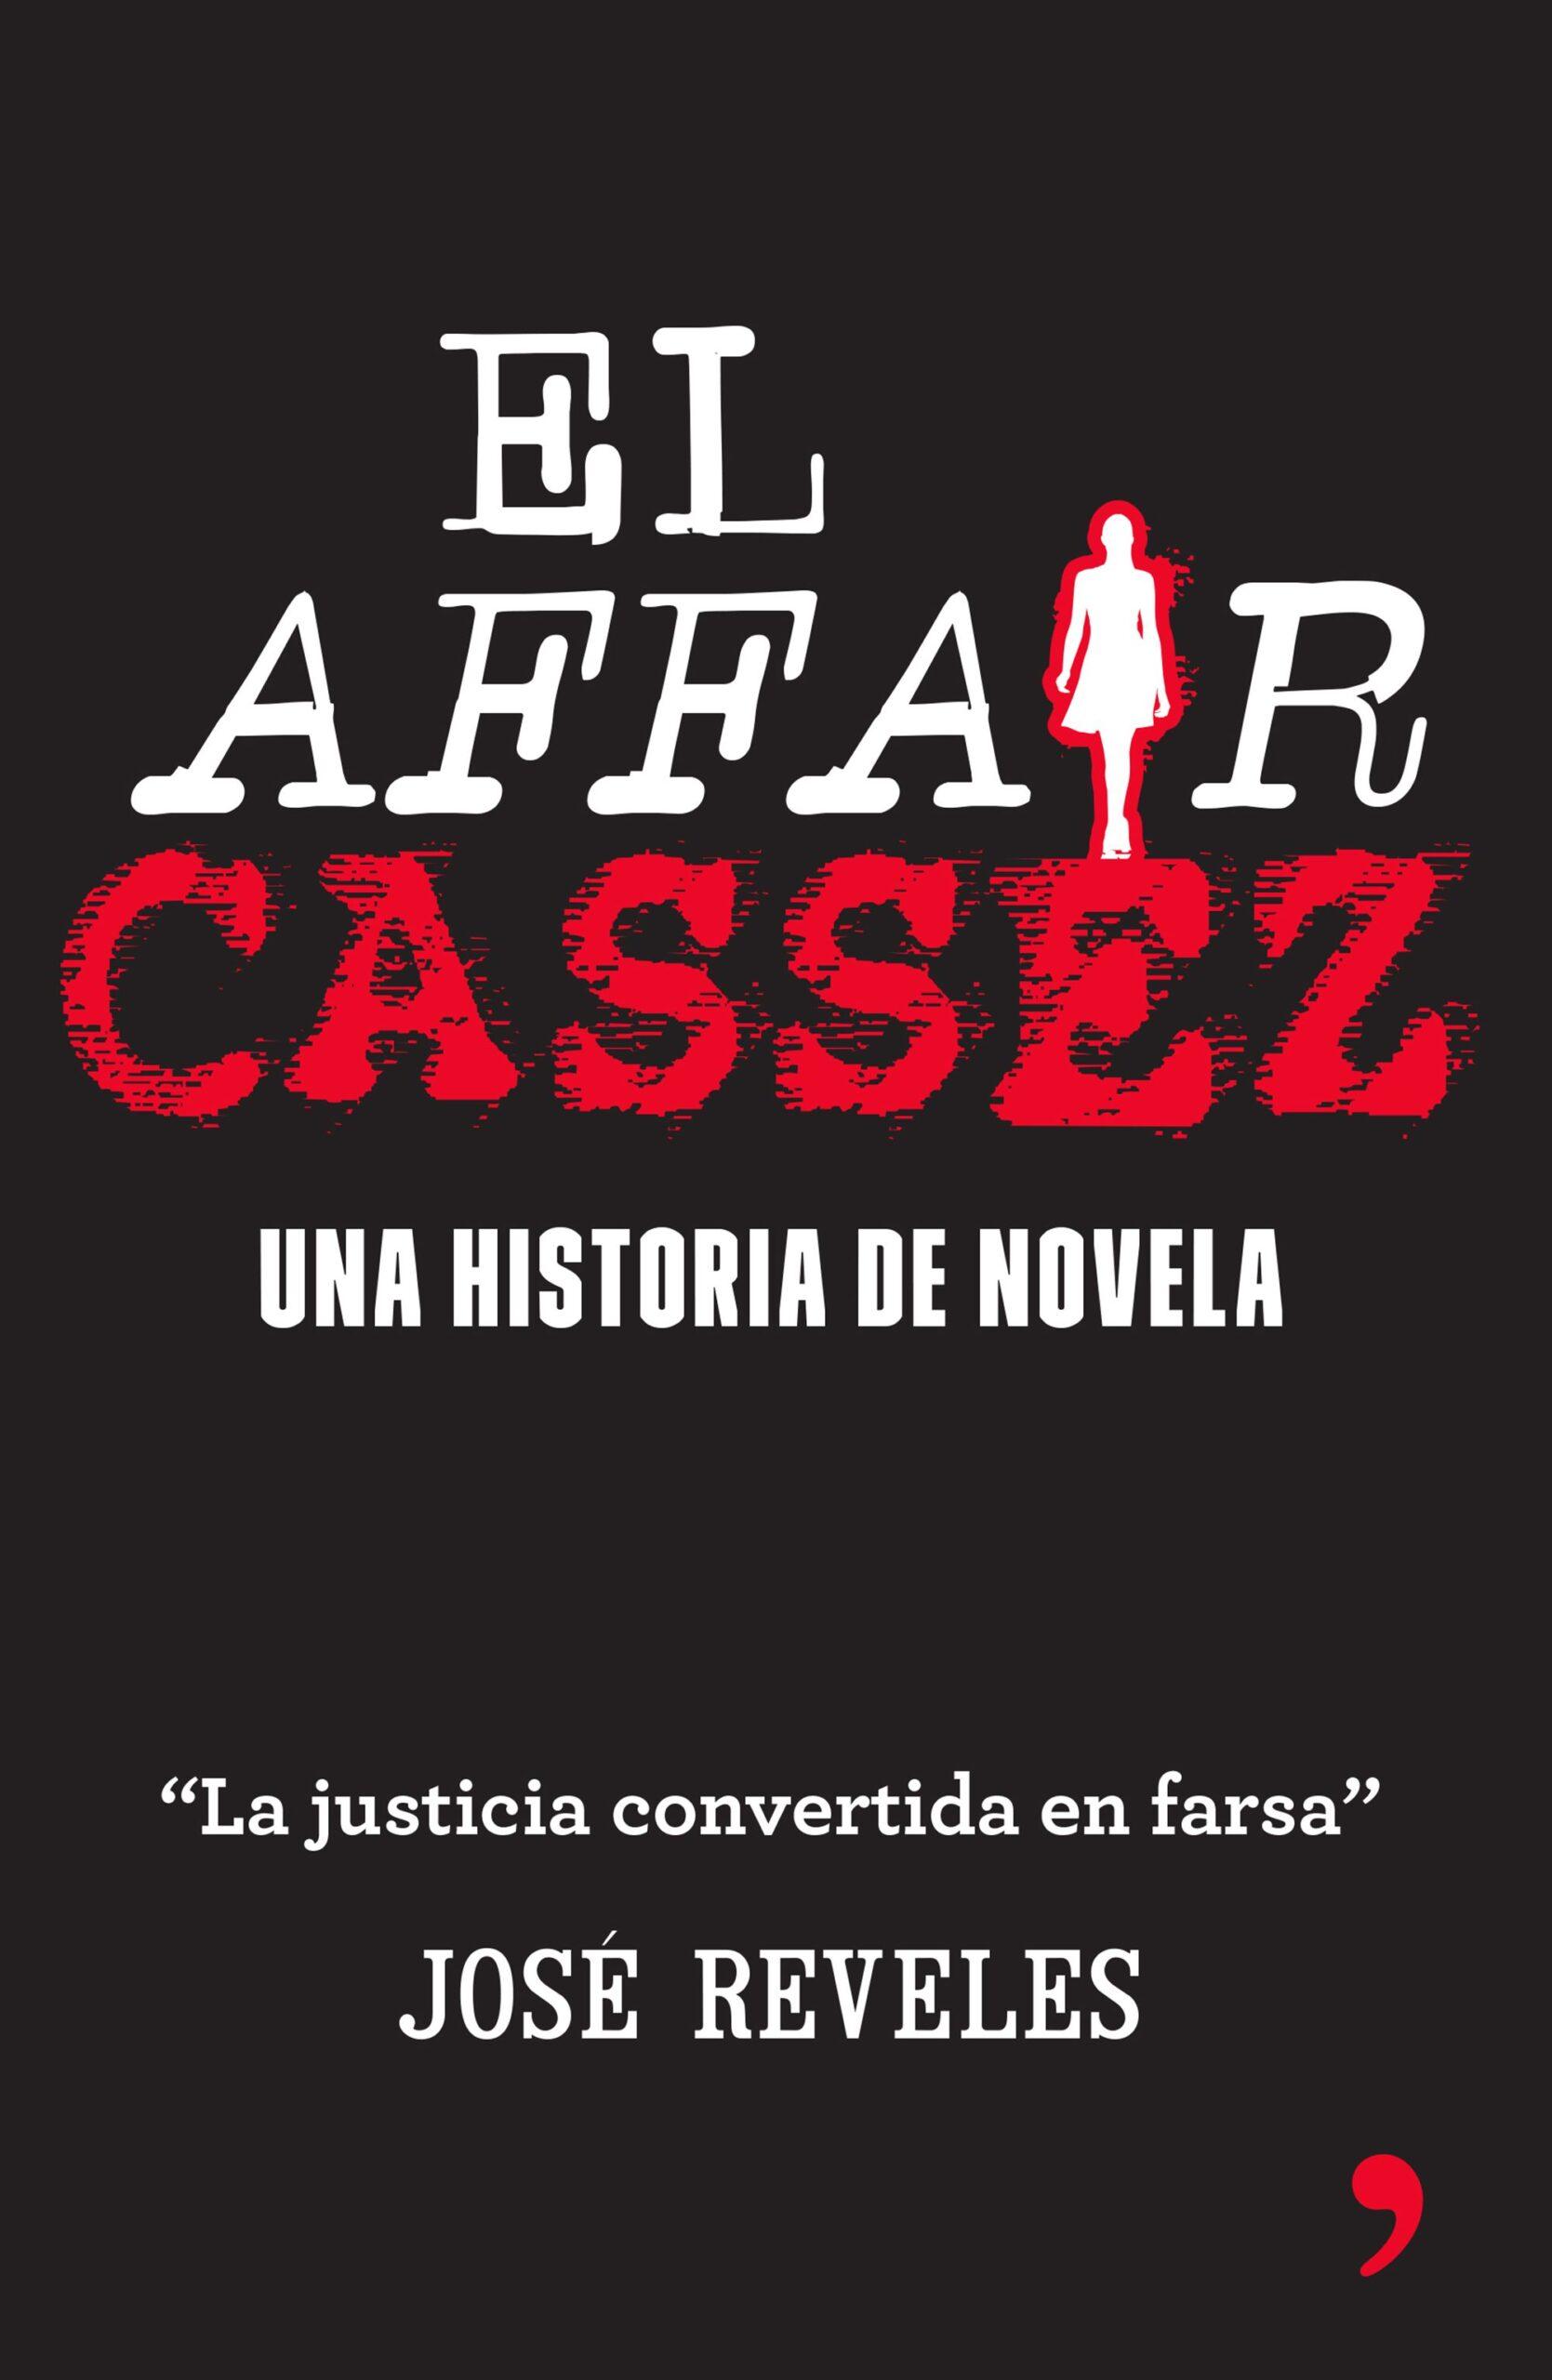 el-affair-cassez_jose-reveles